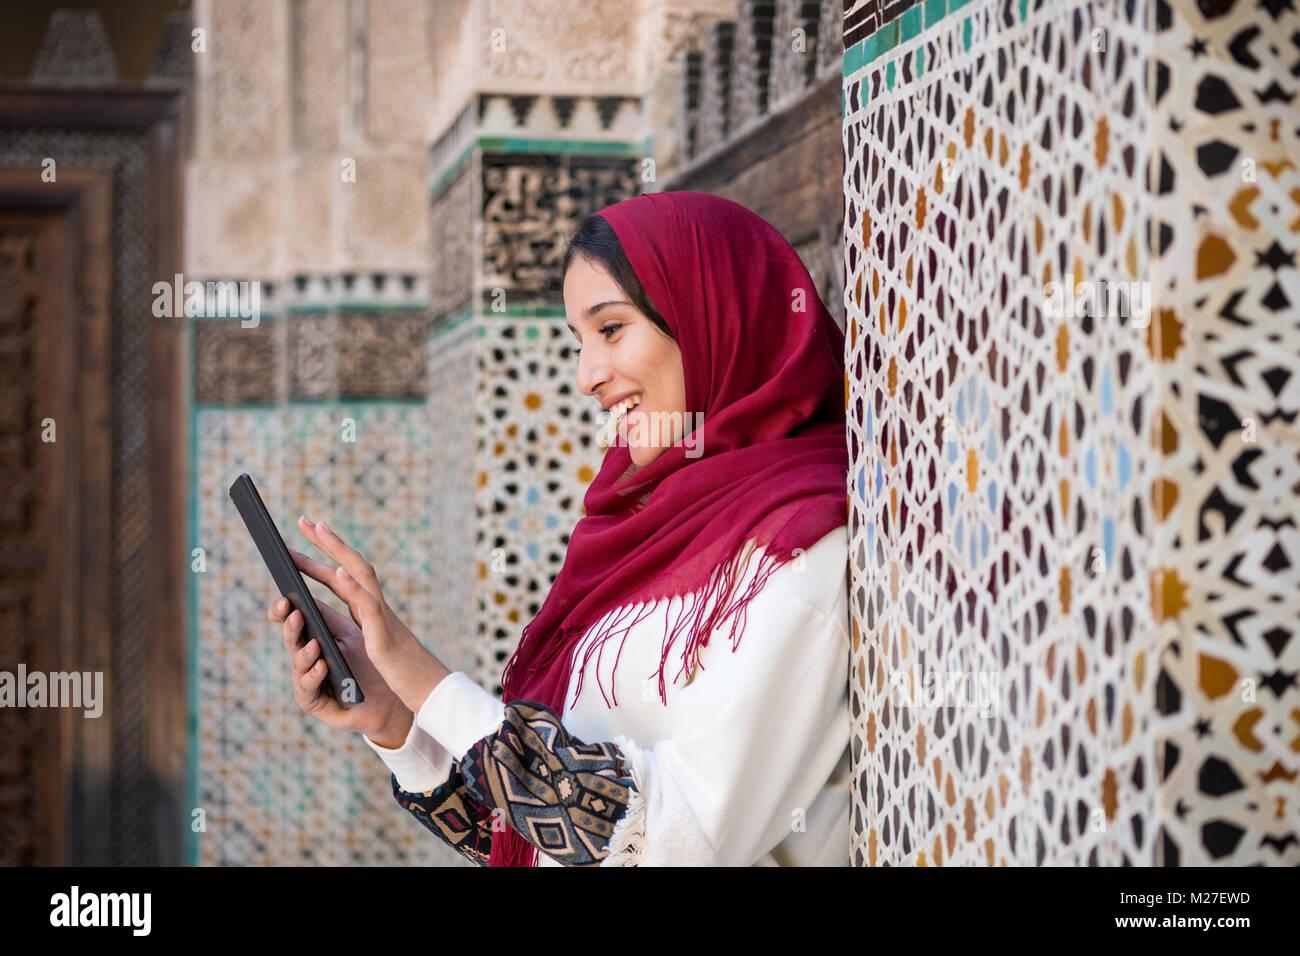 Sonriente mujer árabe en vestimentas tradicionales con pañuelo rojo sobre su cabeza trabaja en Tablet PC Foto de stock